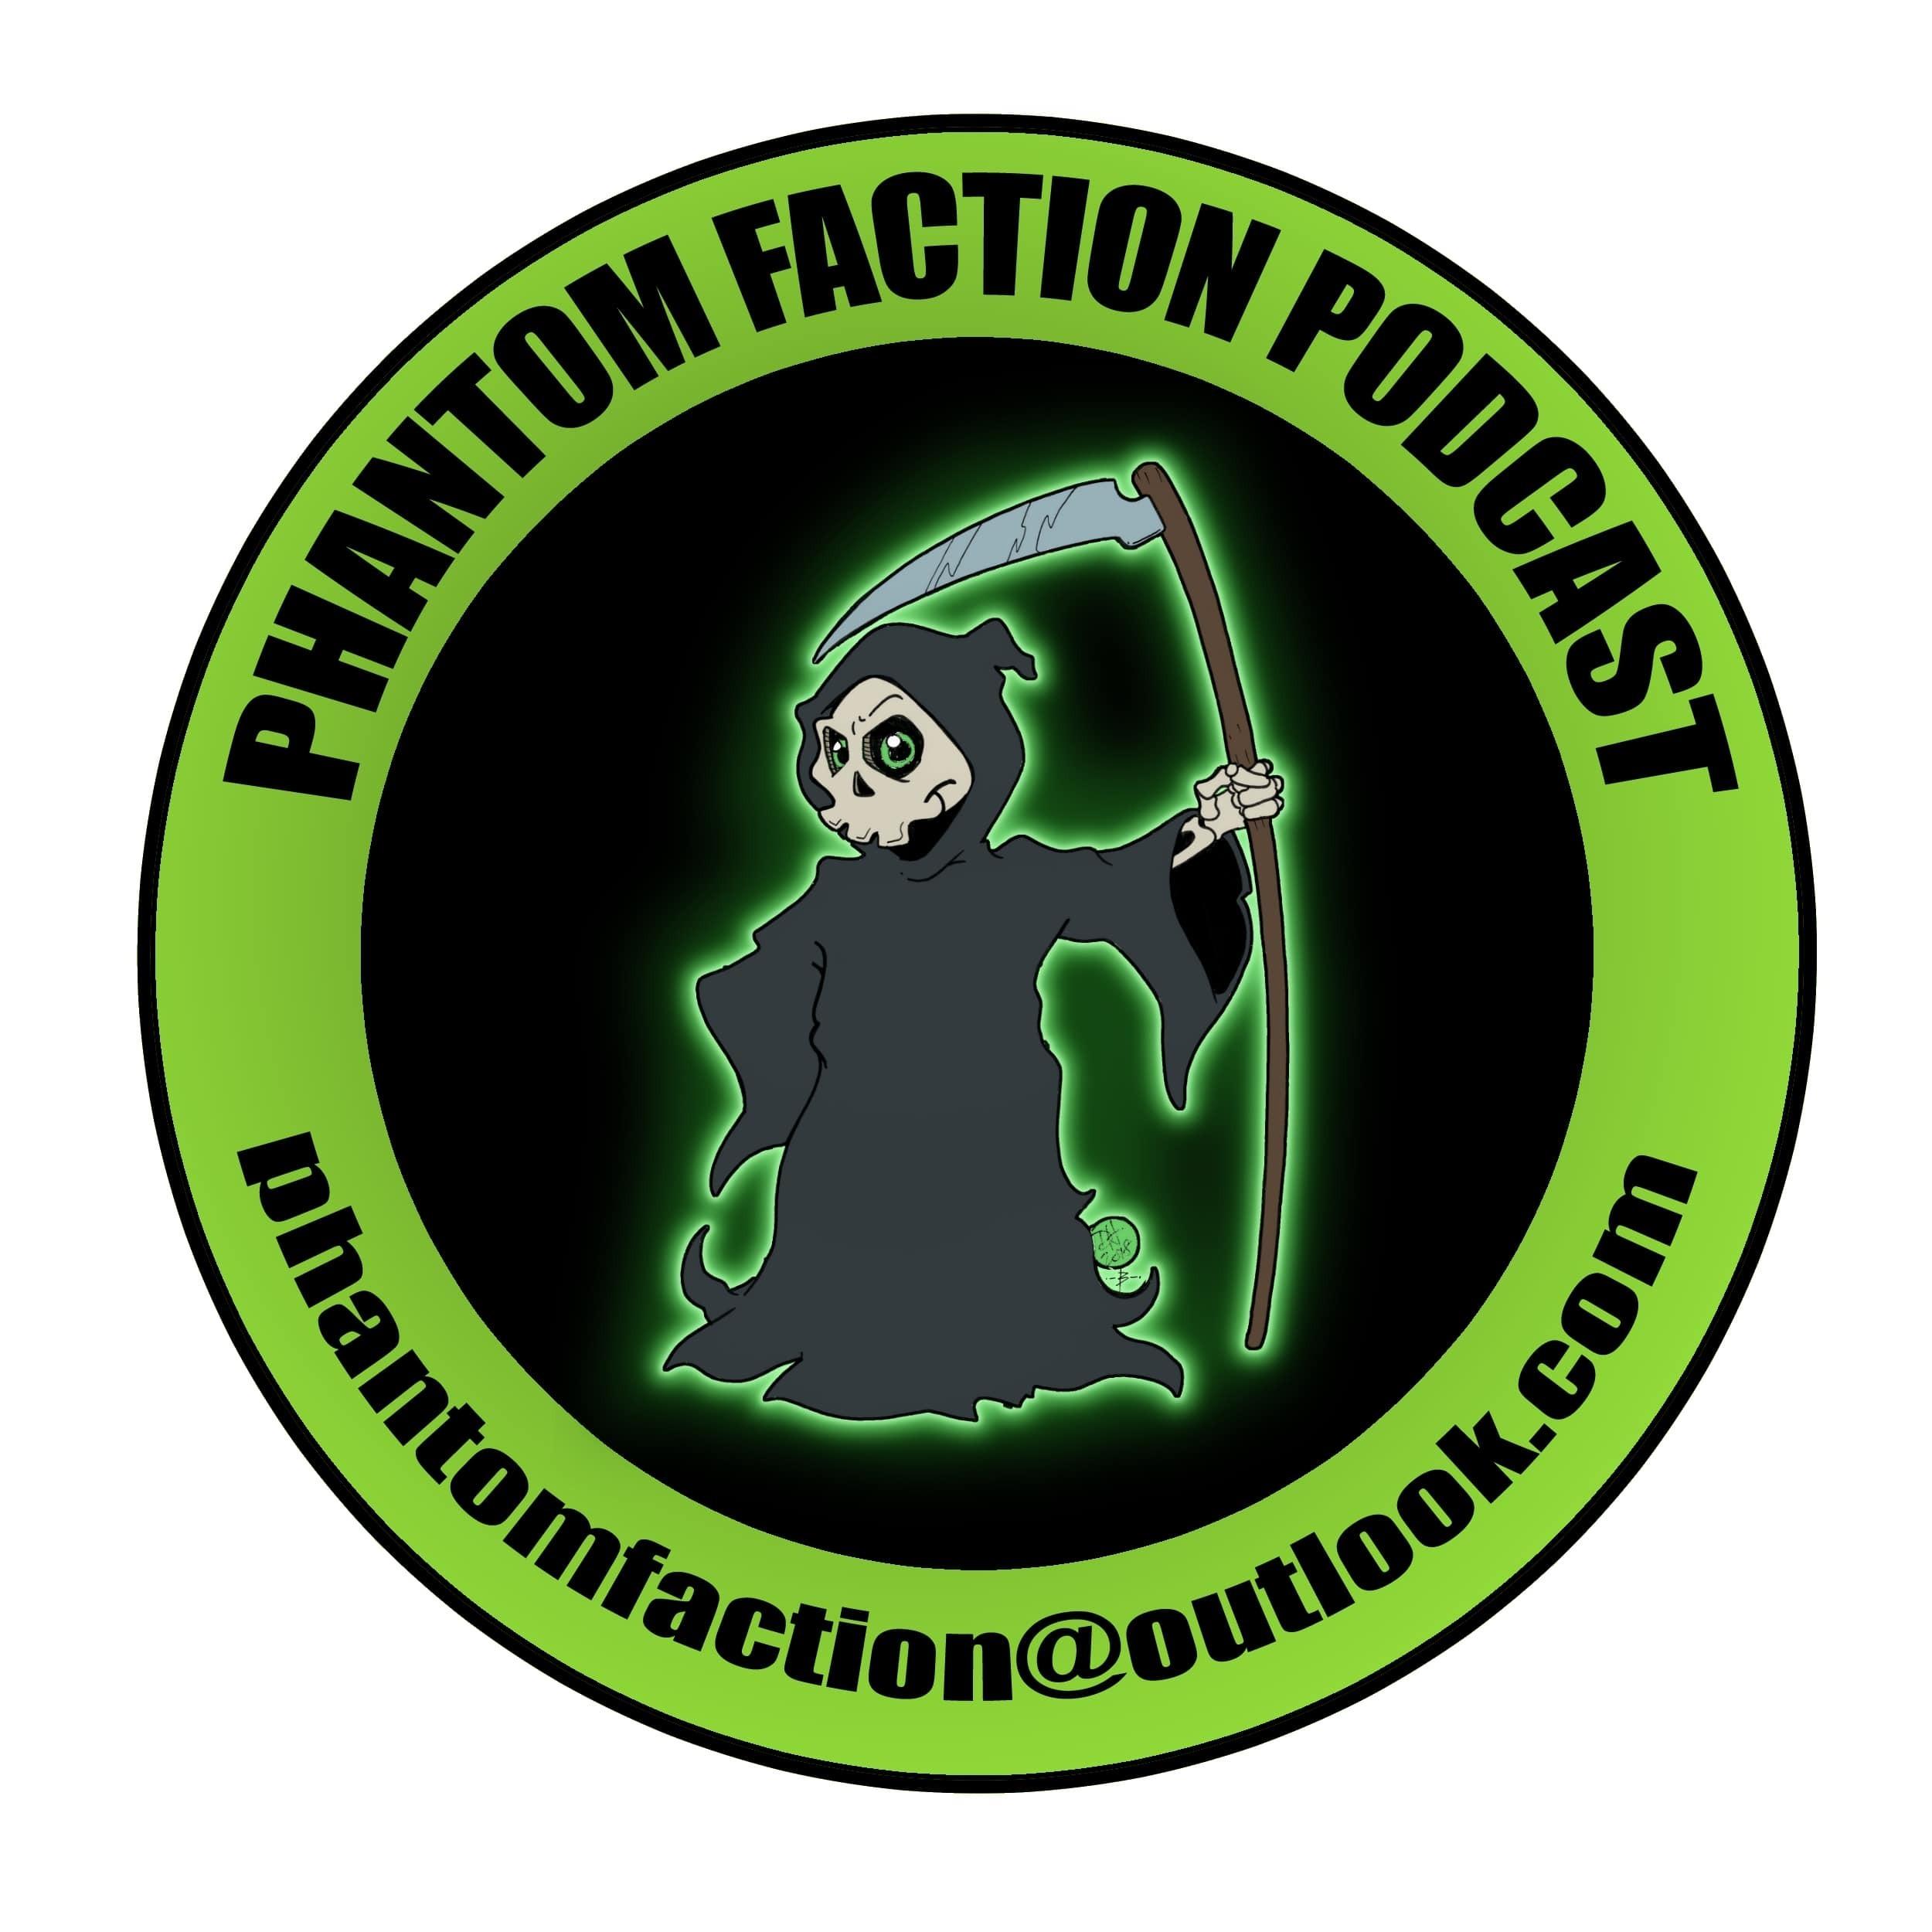 pfp - episode 44 -Lynda Quirino Georgina paranormal Society